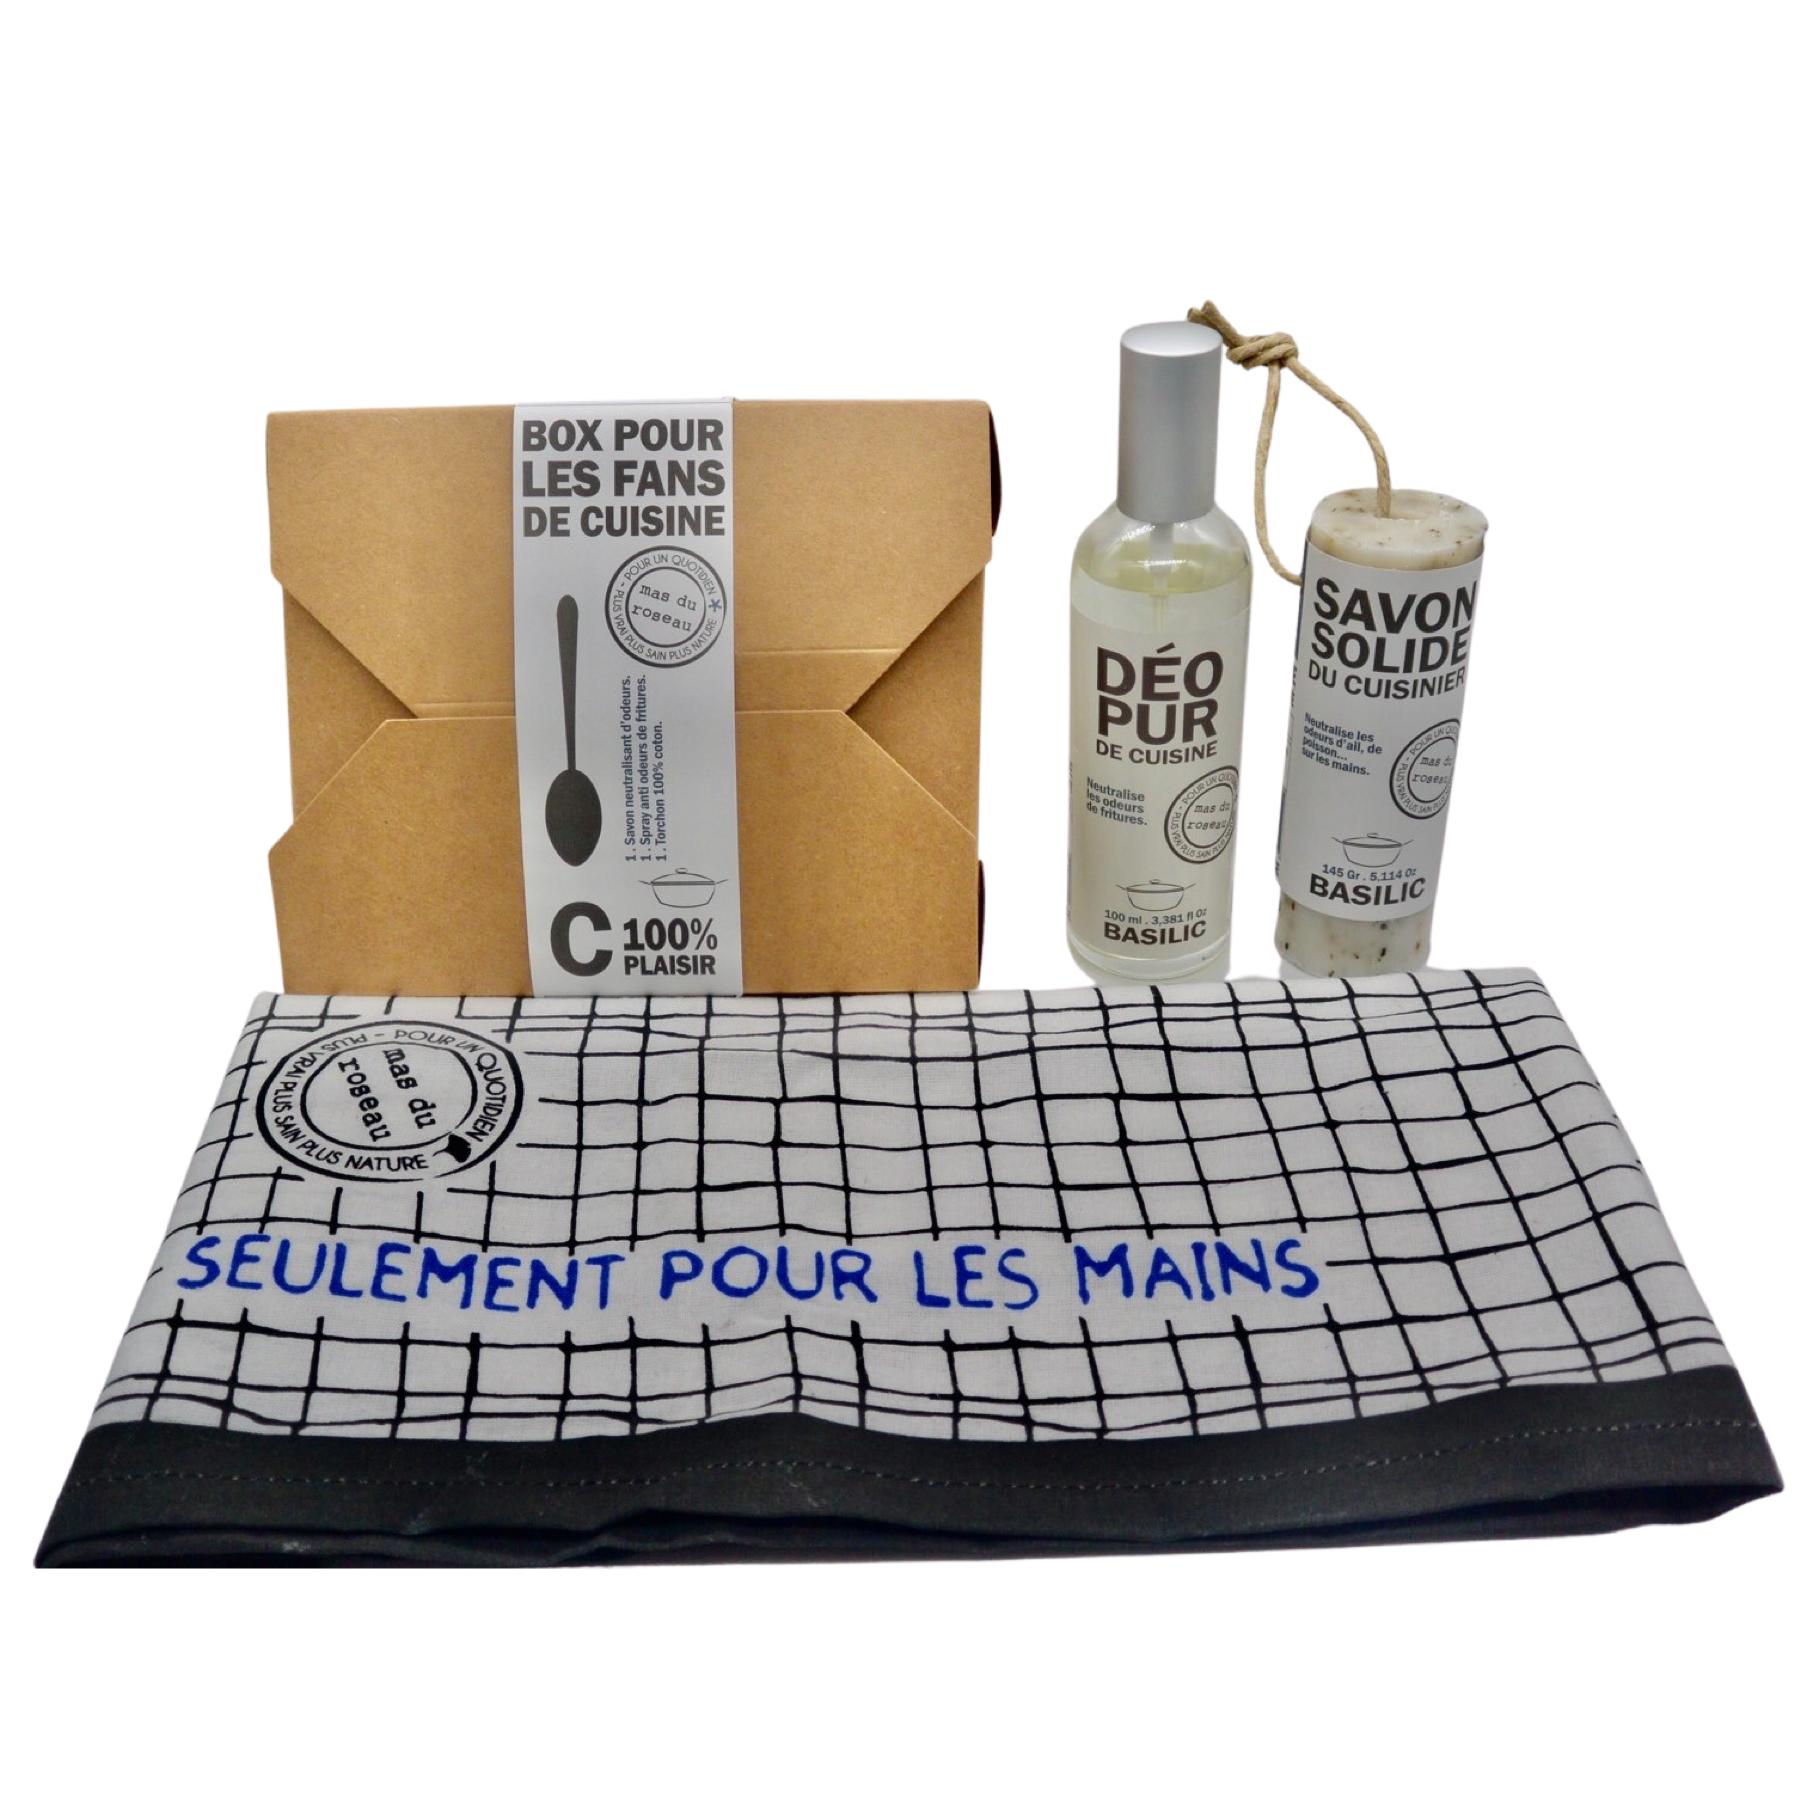 Box « Senteur et savon basilic » pour les fans de cuisine